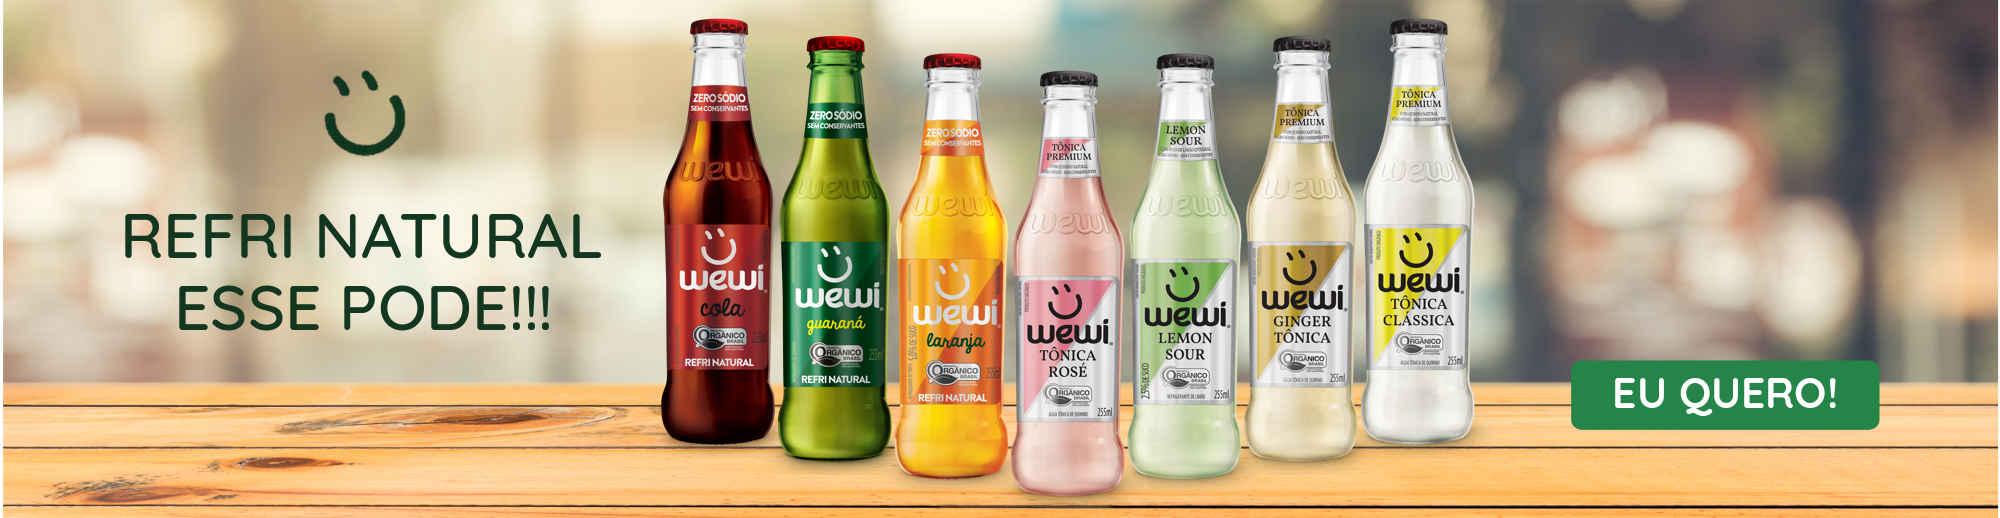 Wewi 2